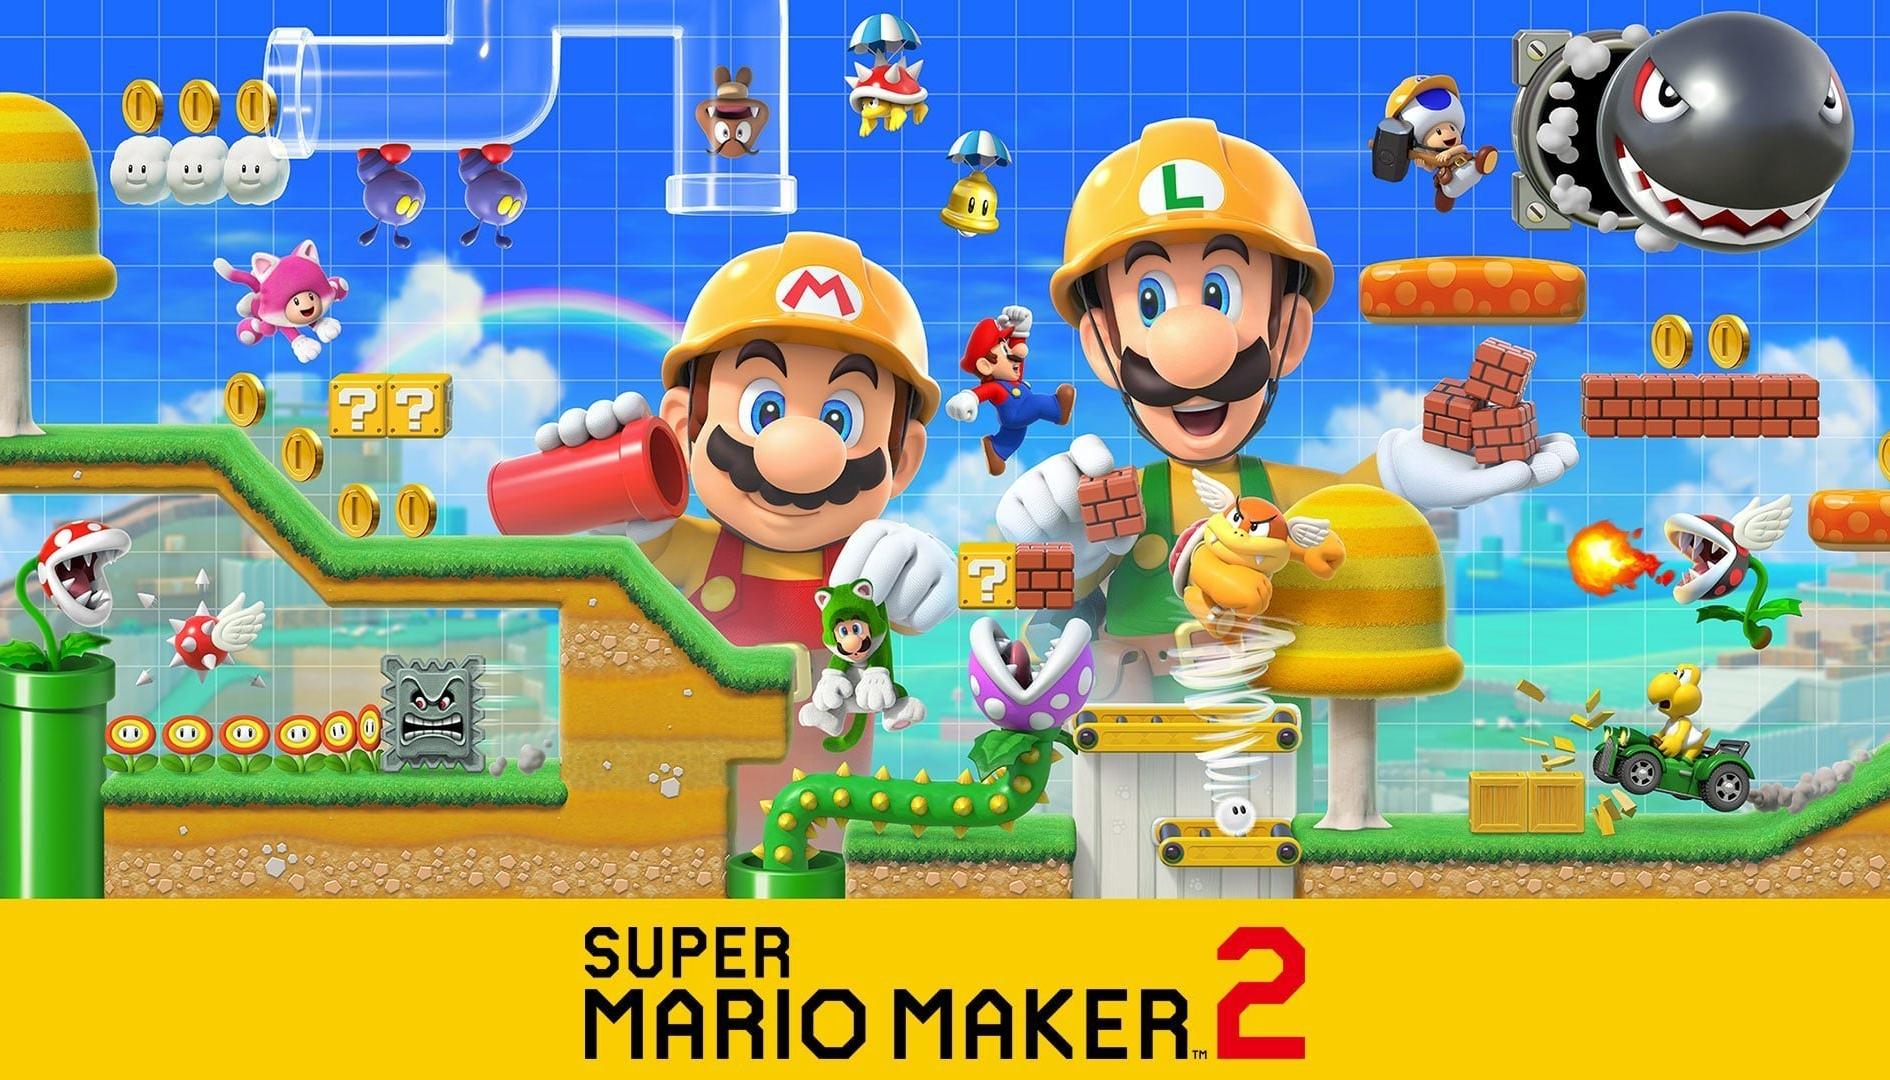 Super Mario Maker 2: i giocatori hanno già creato più di 5 milioni di livelli